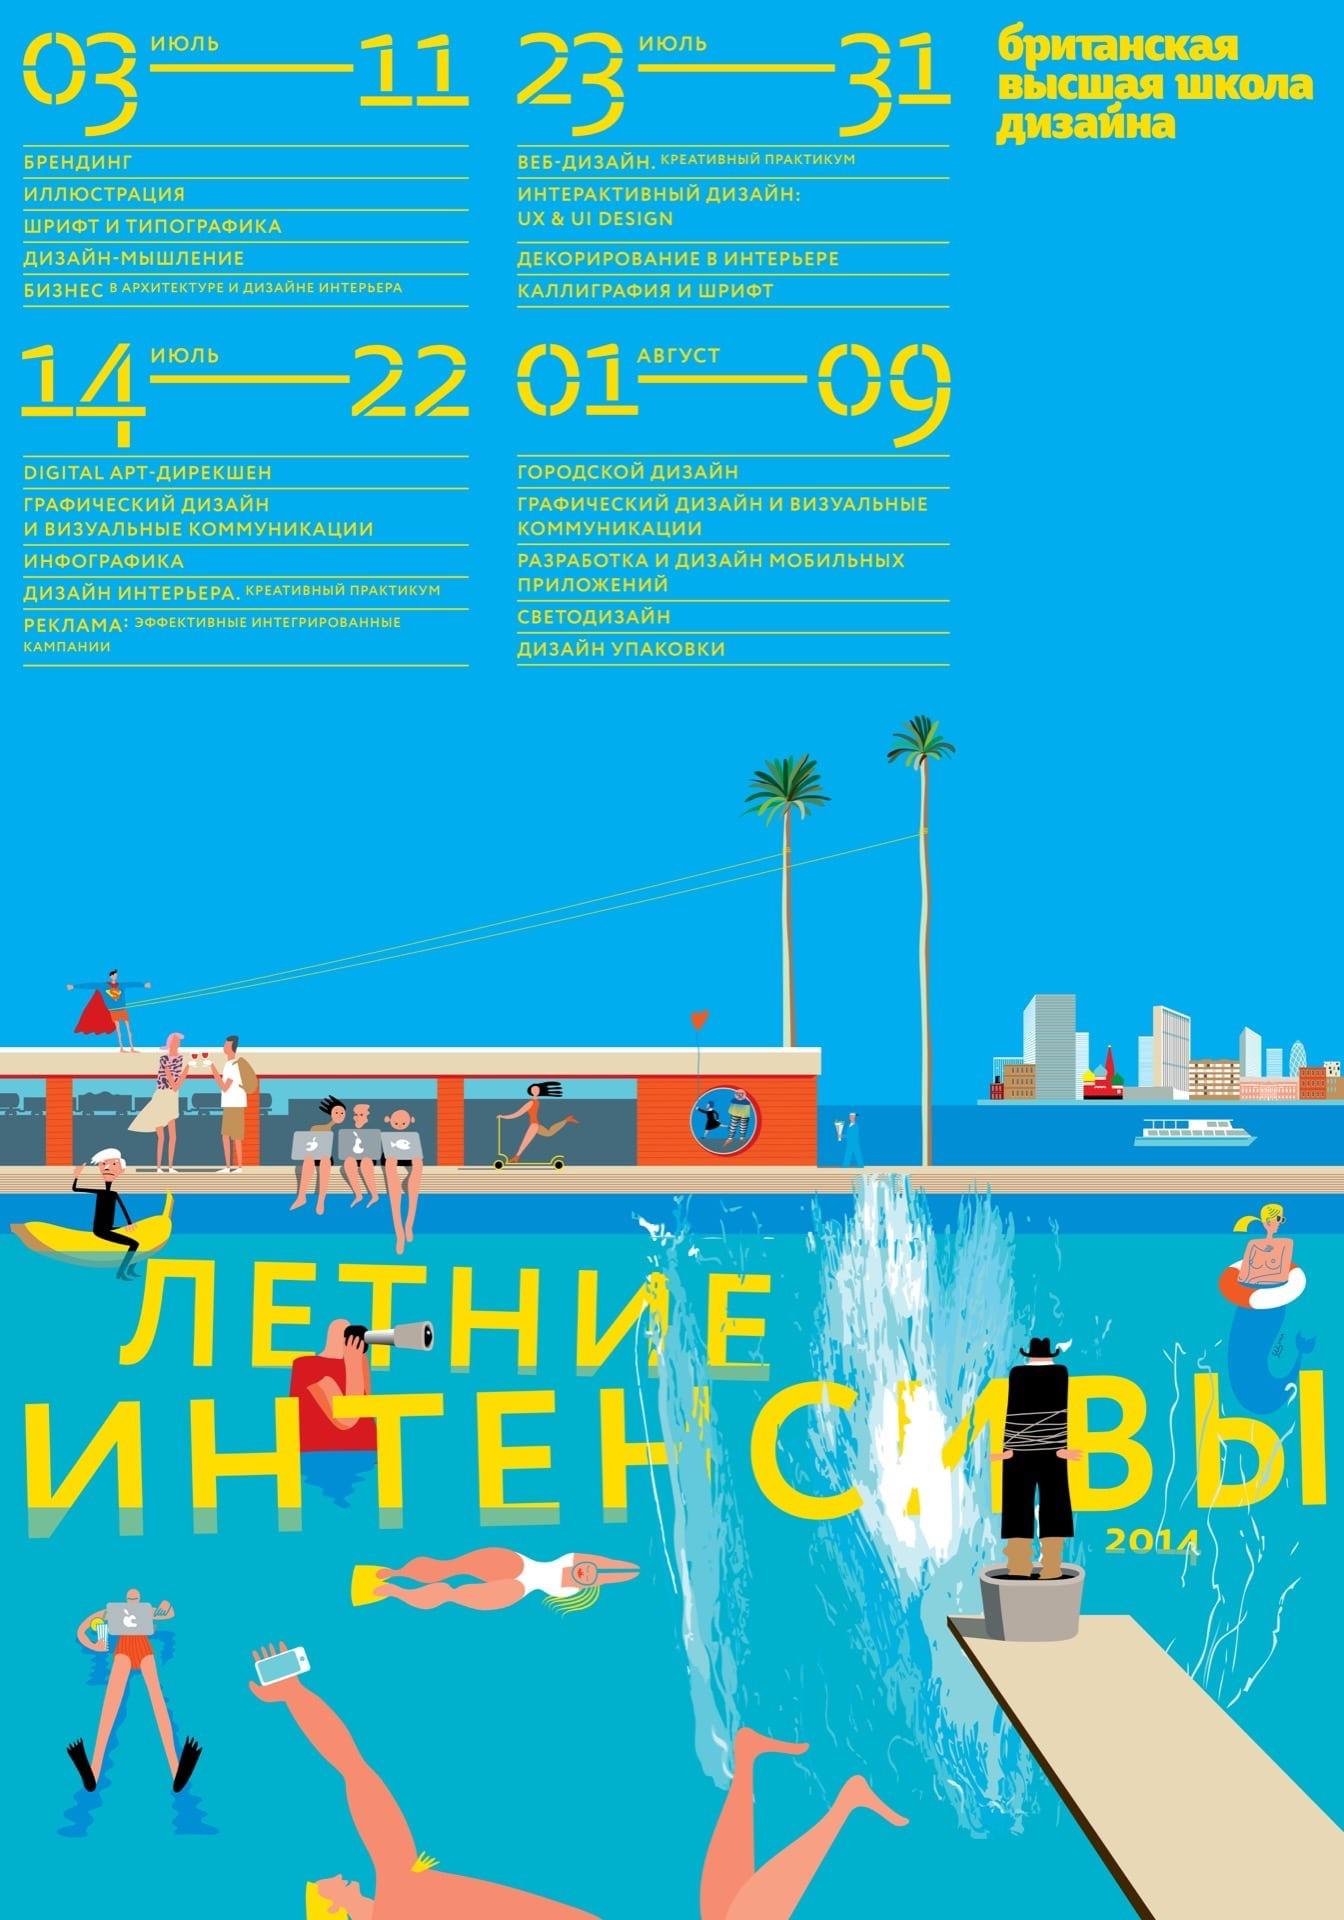 Дмитрий чернов дизайн интенсив